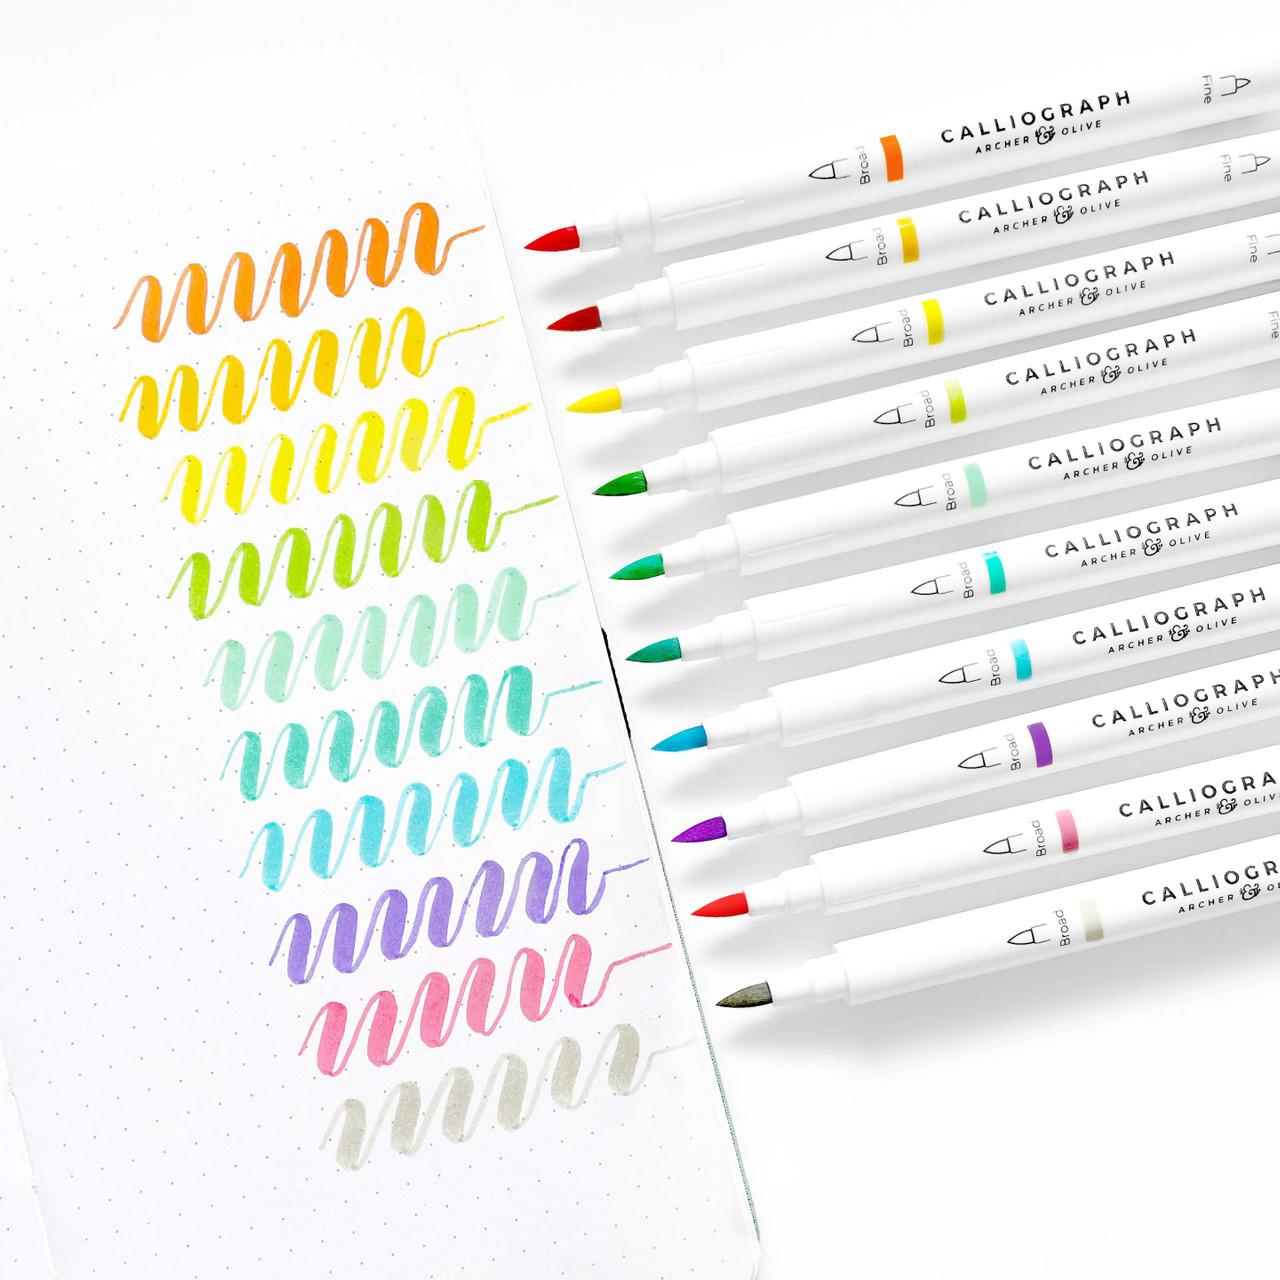 Calliograph Pens - Tropical Collection